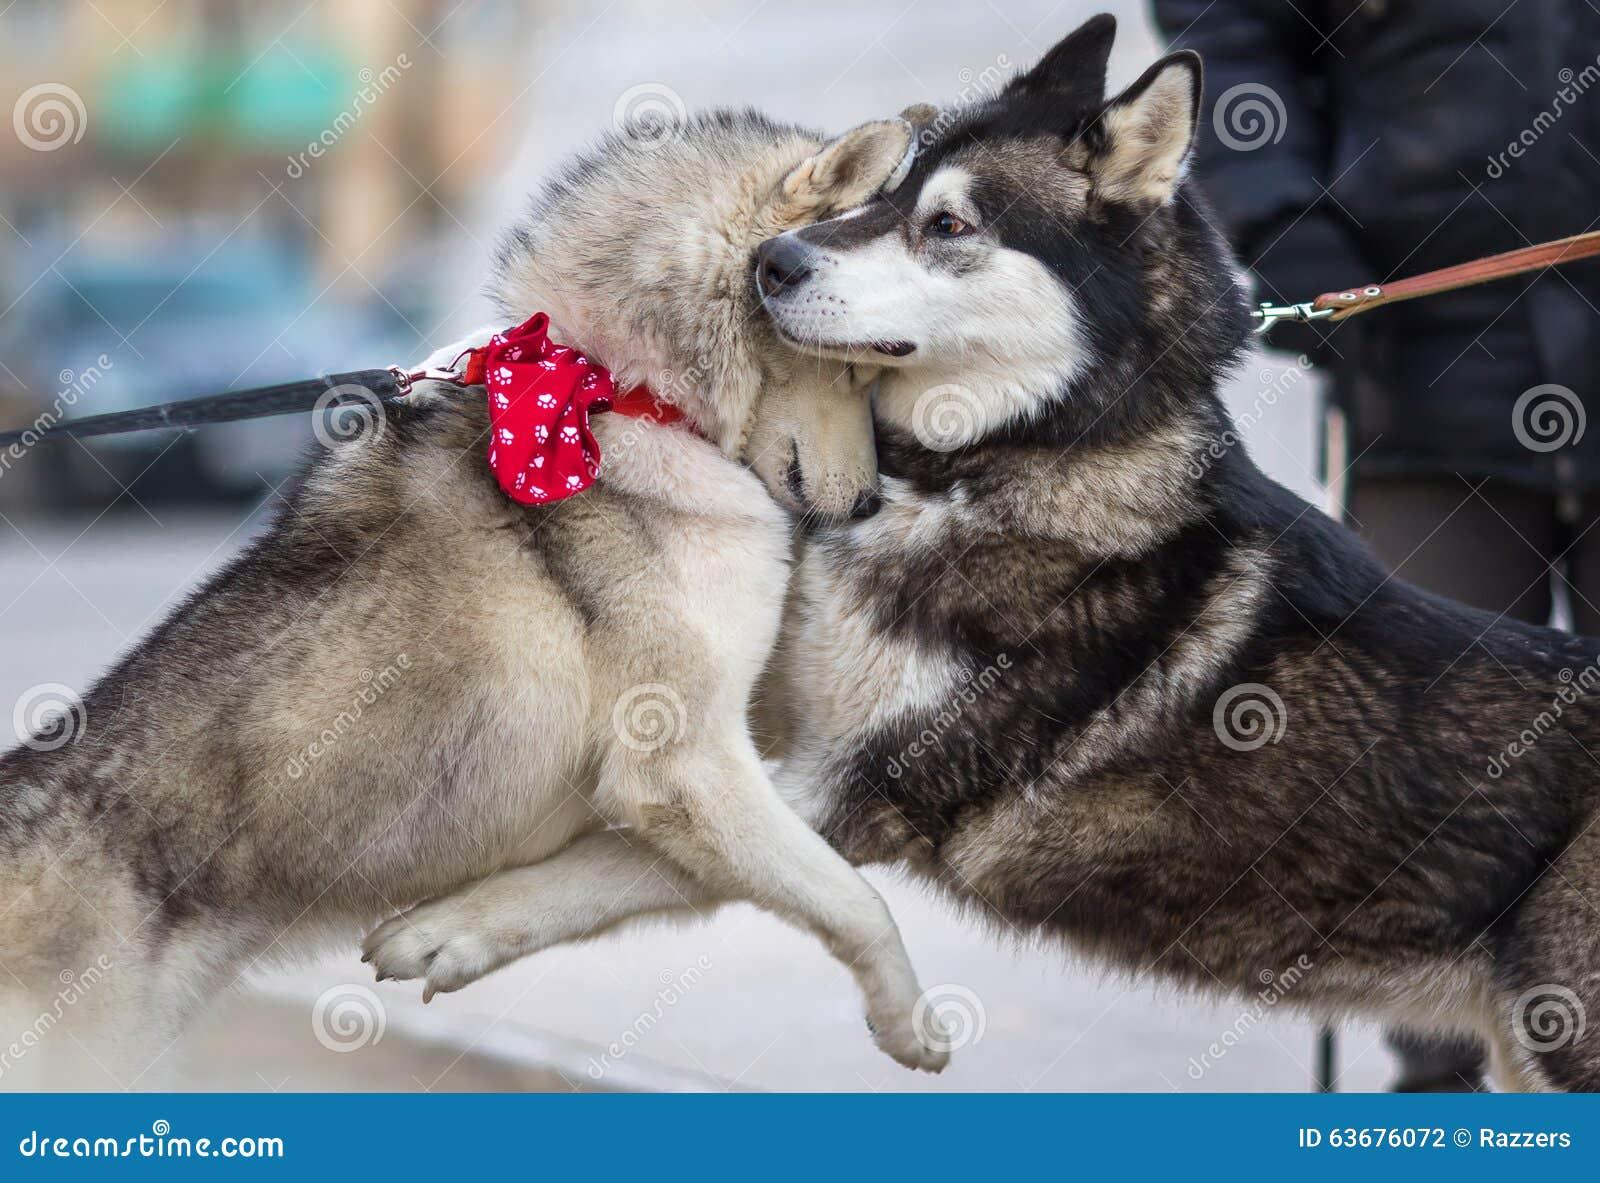 Dois Syberian Husky Dogs Hugs Each Other Conceito Do Amor Do Cao Foto De Stock Imagem De Dogs Amor 63676072